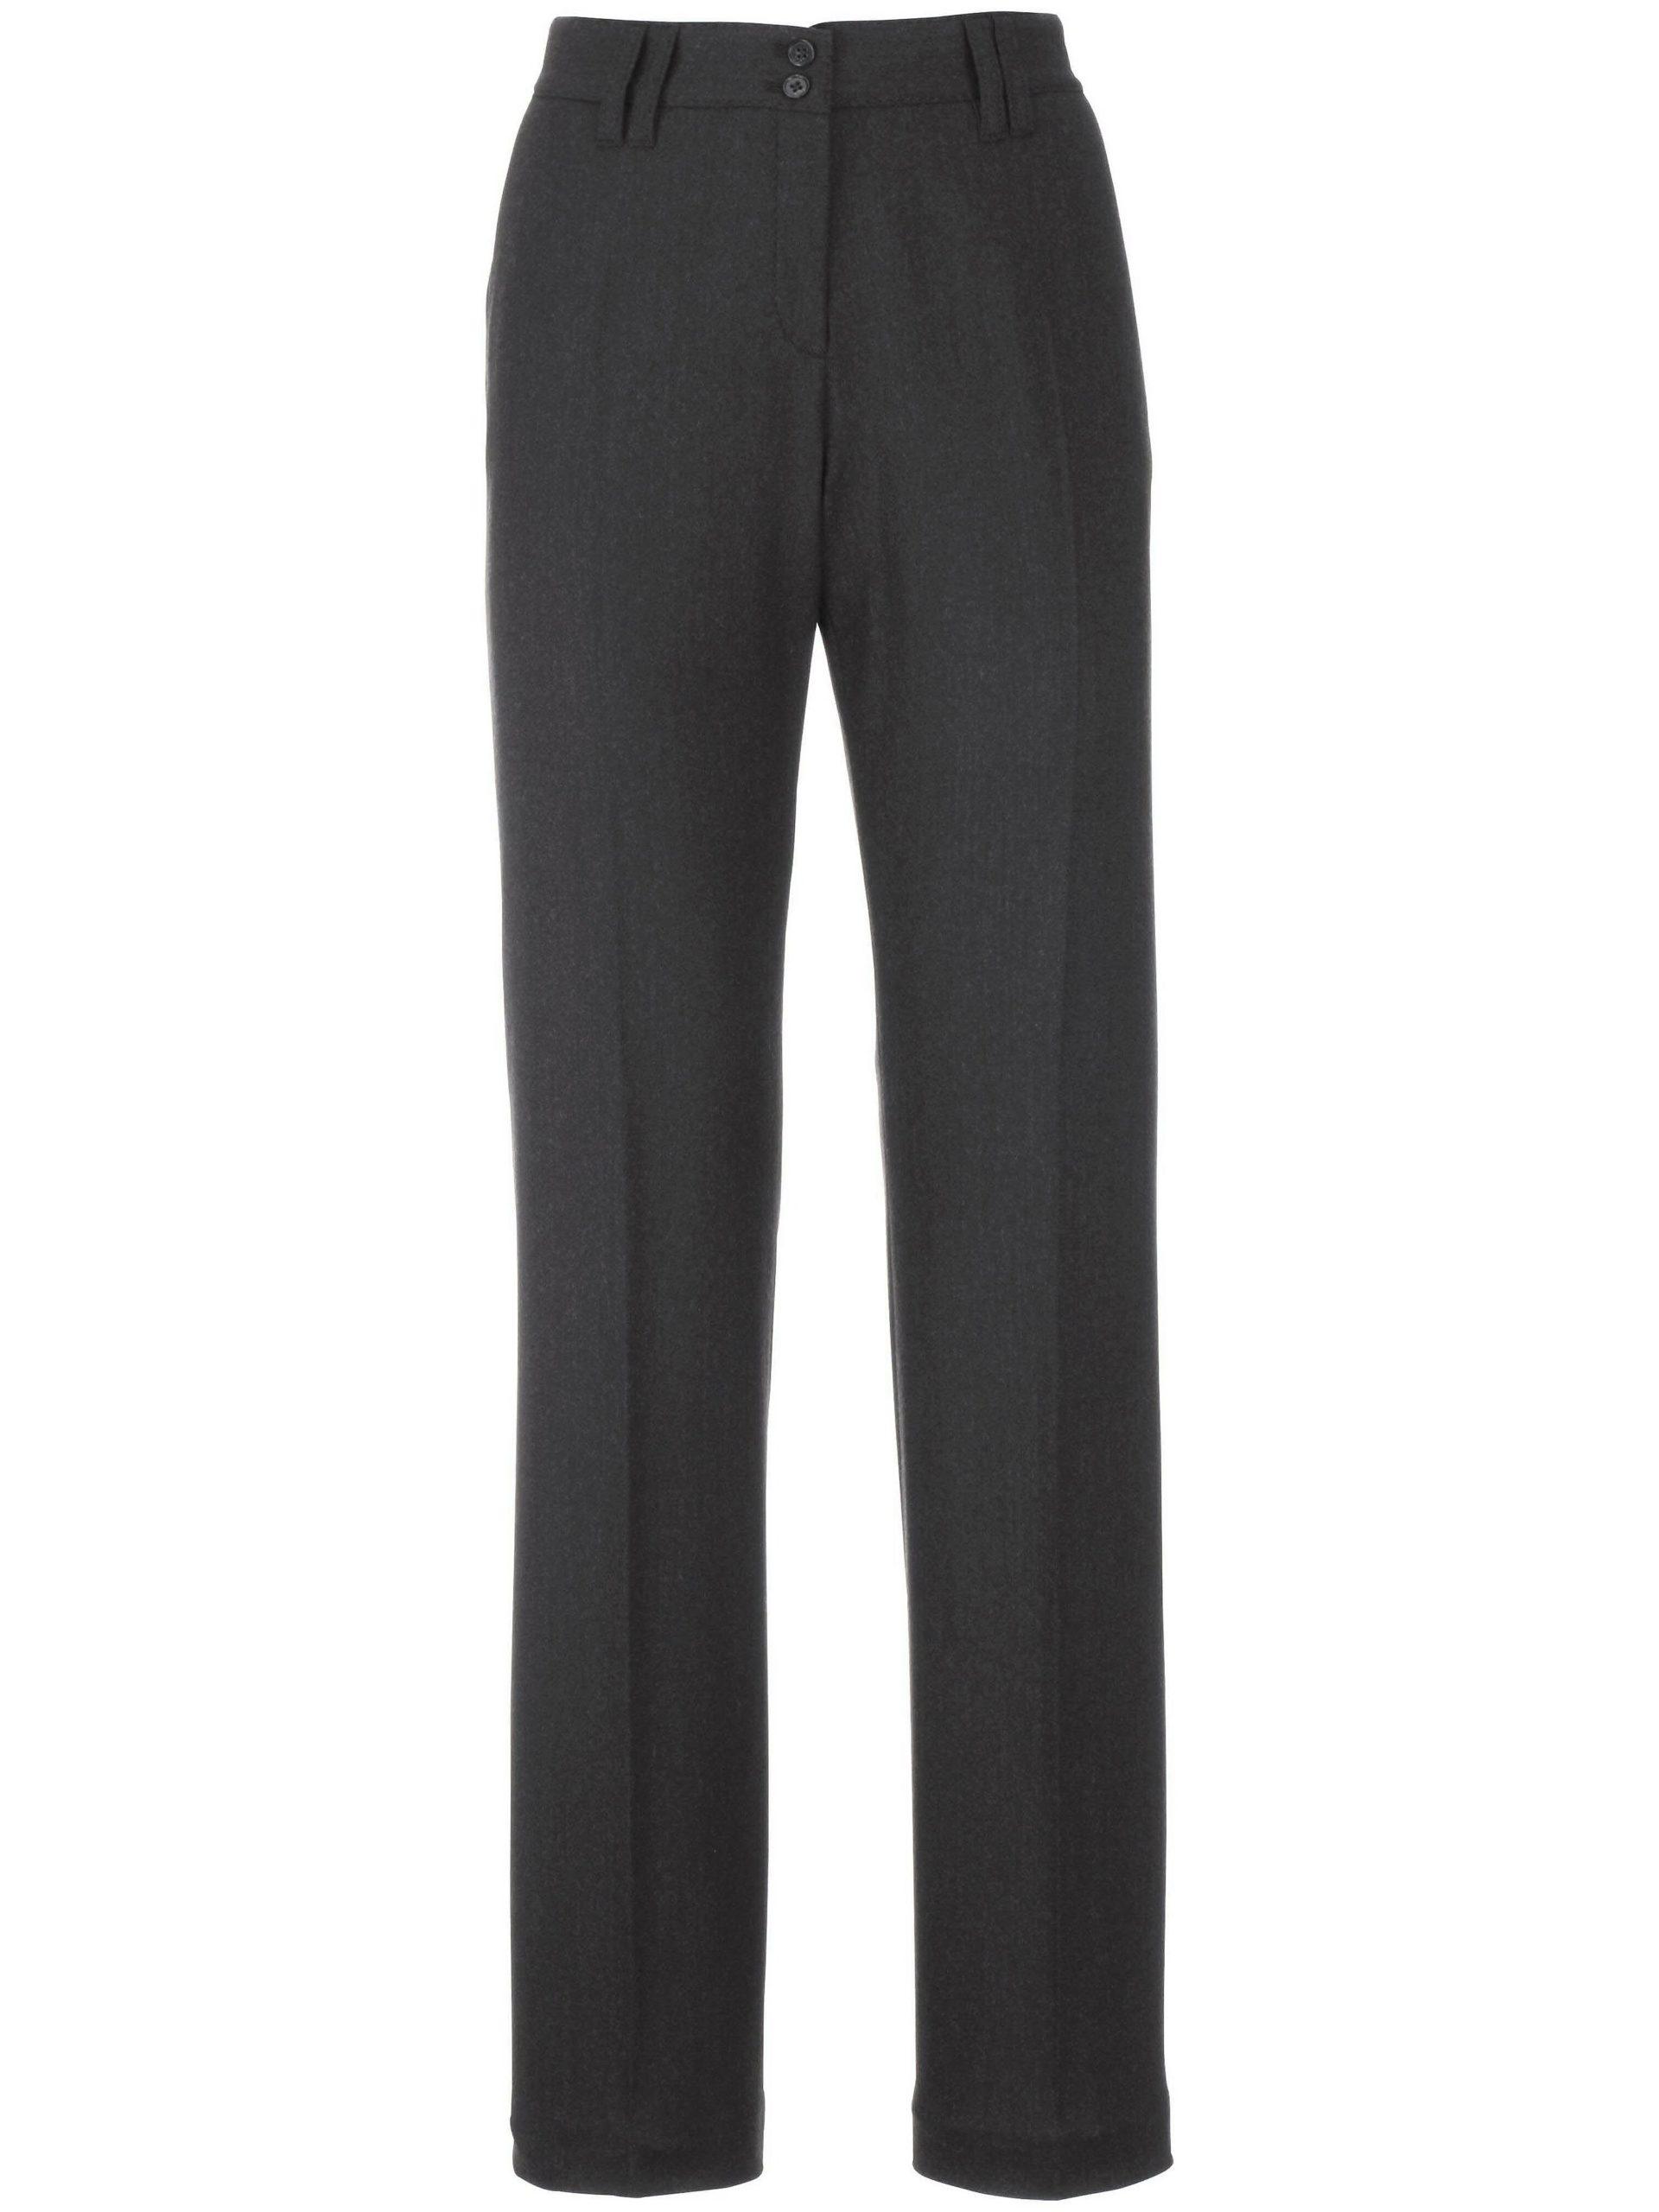 'Regular Fit'-broek Van Brax Feel Good zwart Kopen